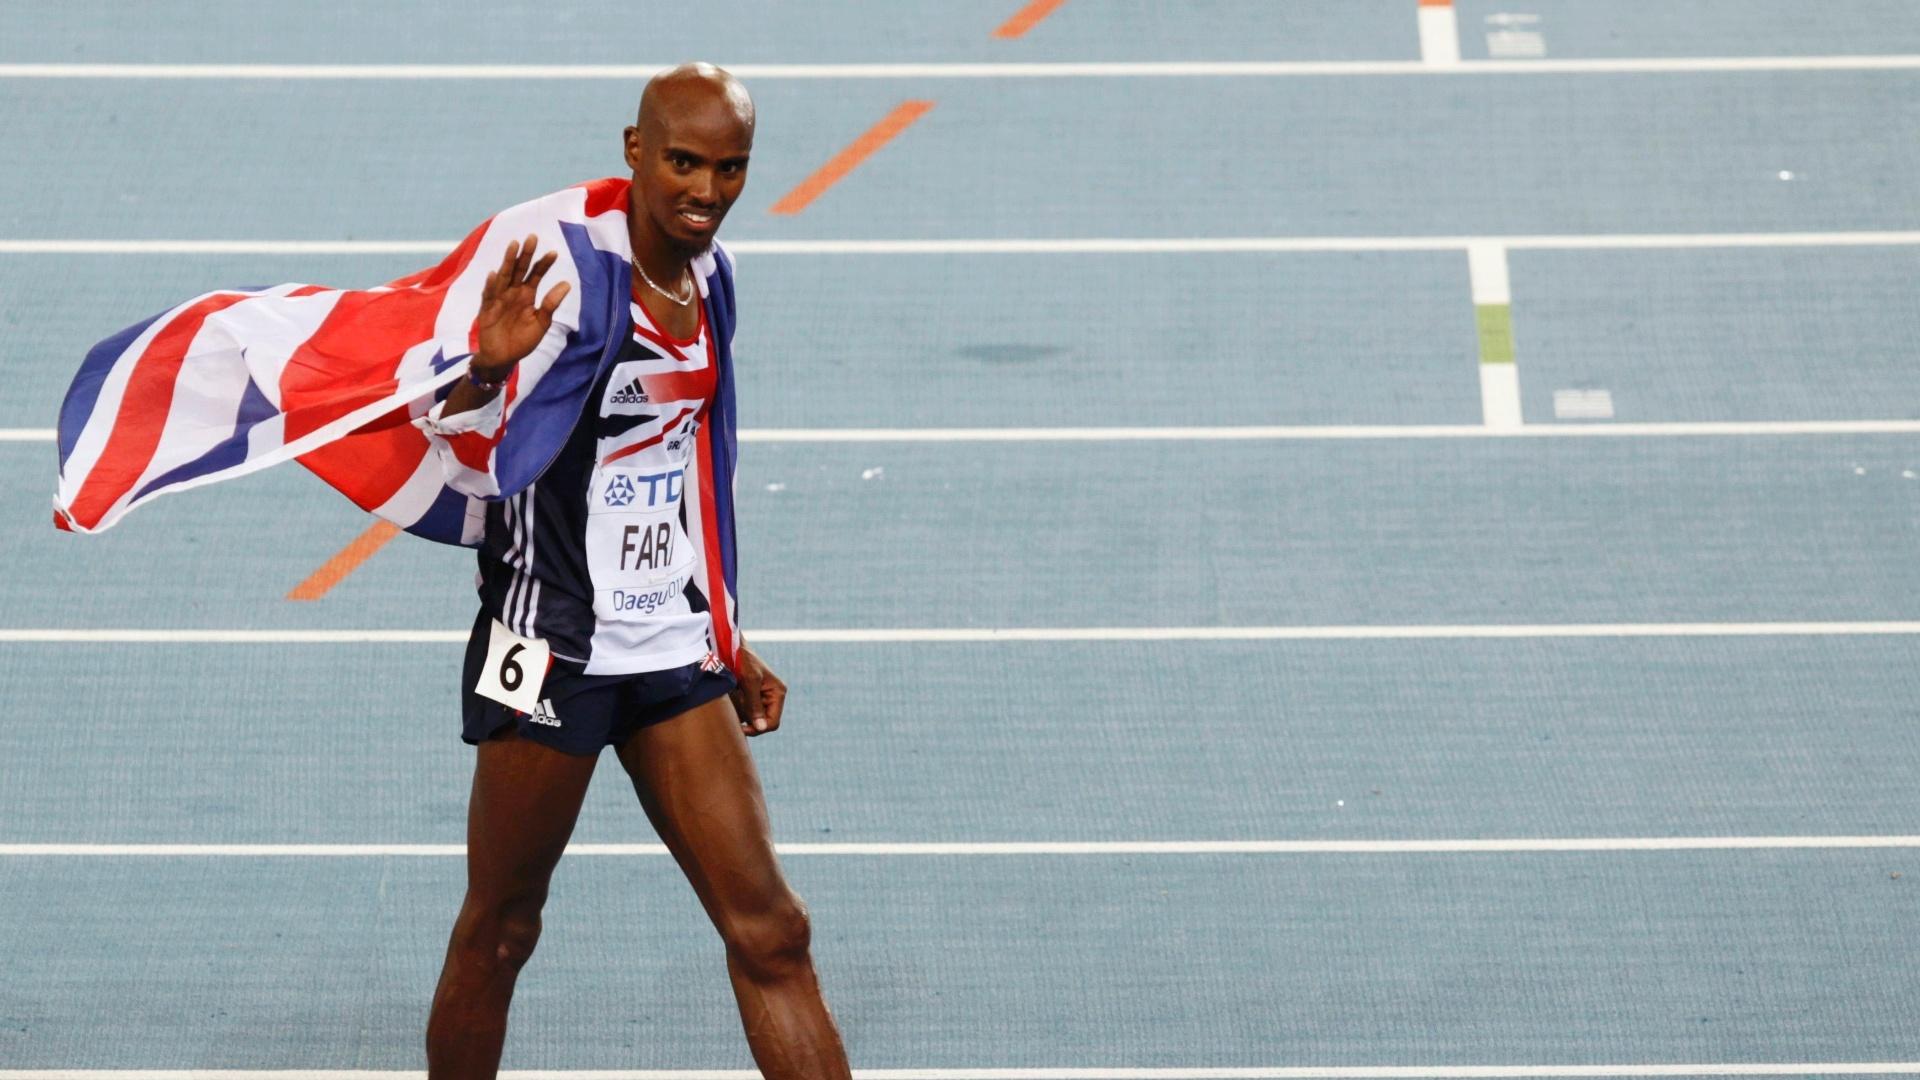 Britânico Mohamed Farah celebra segundo lugar nos 10 mil metros rasos